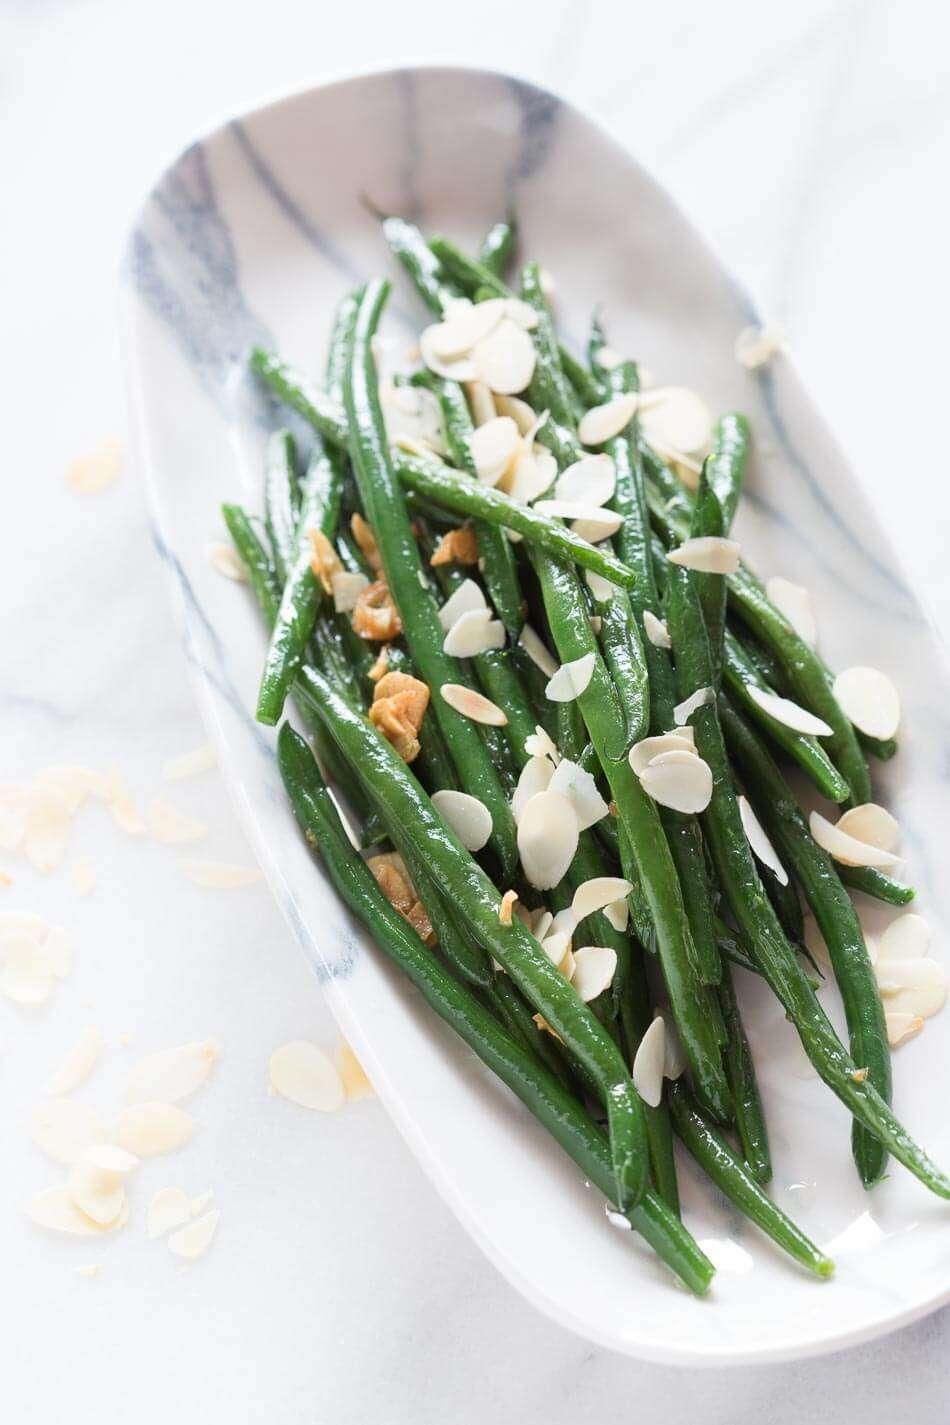 Garlic green beans with almonds | insimoneskitchen.com